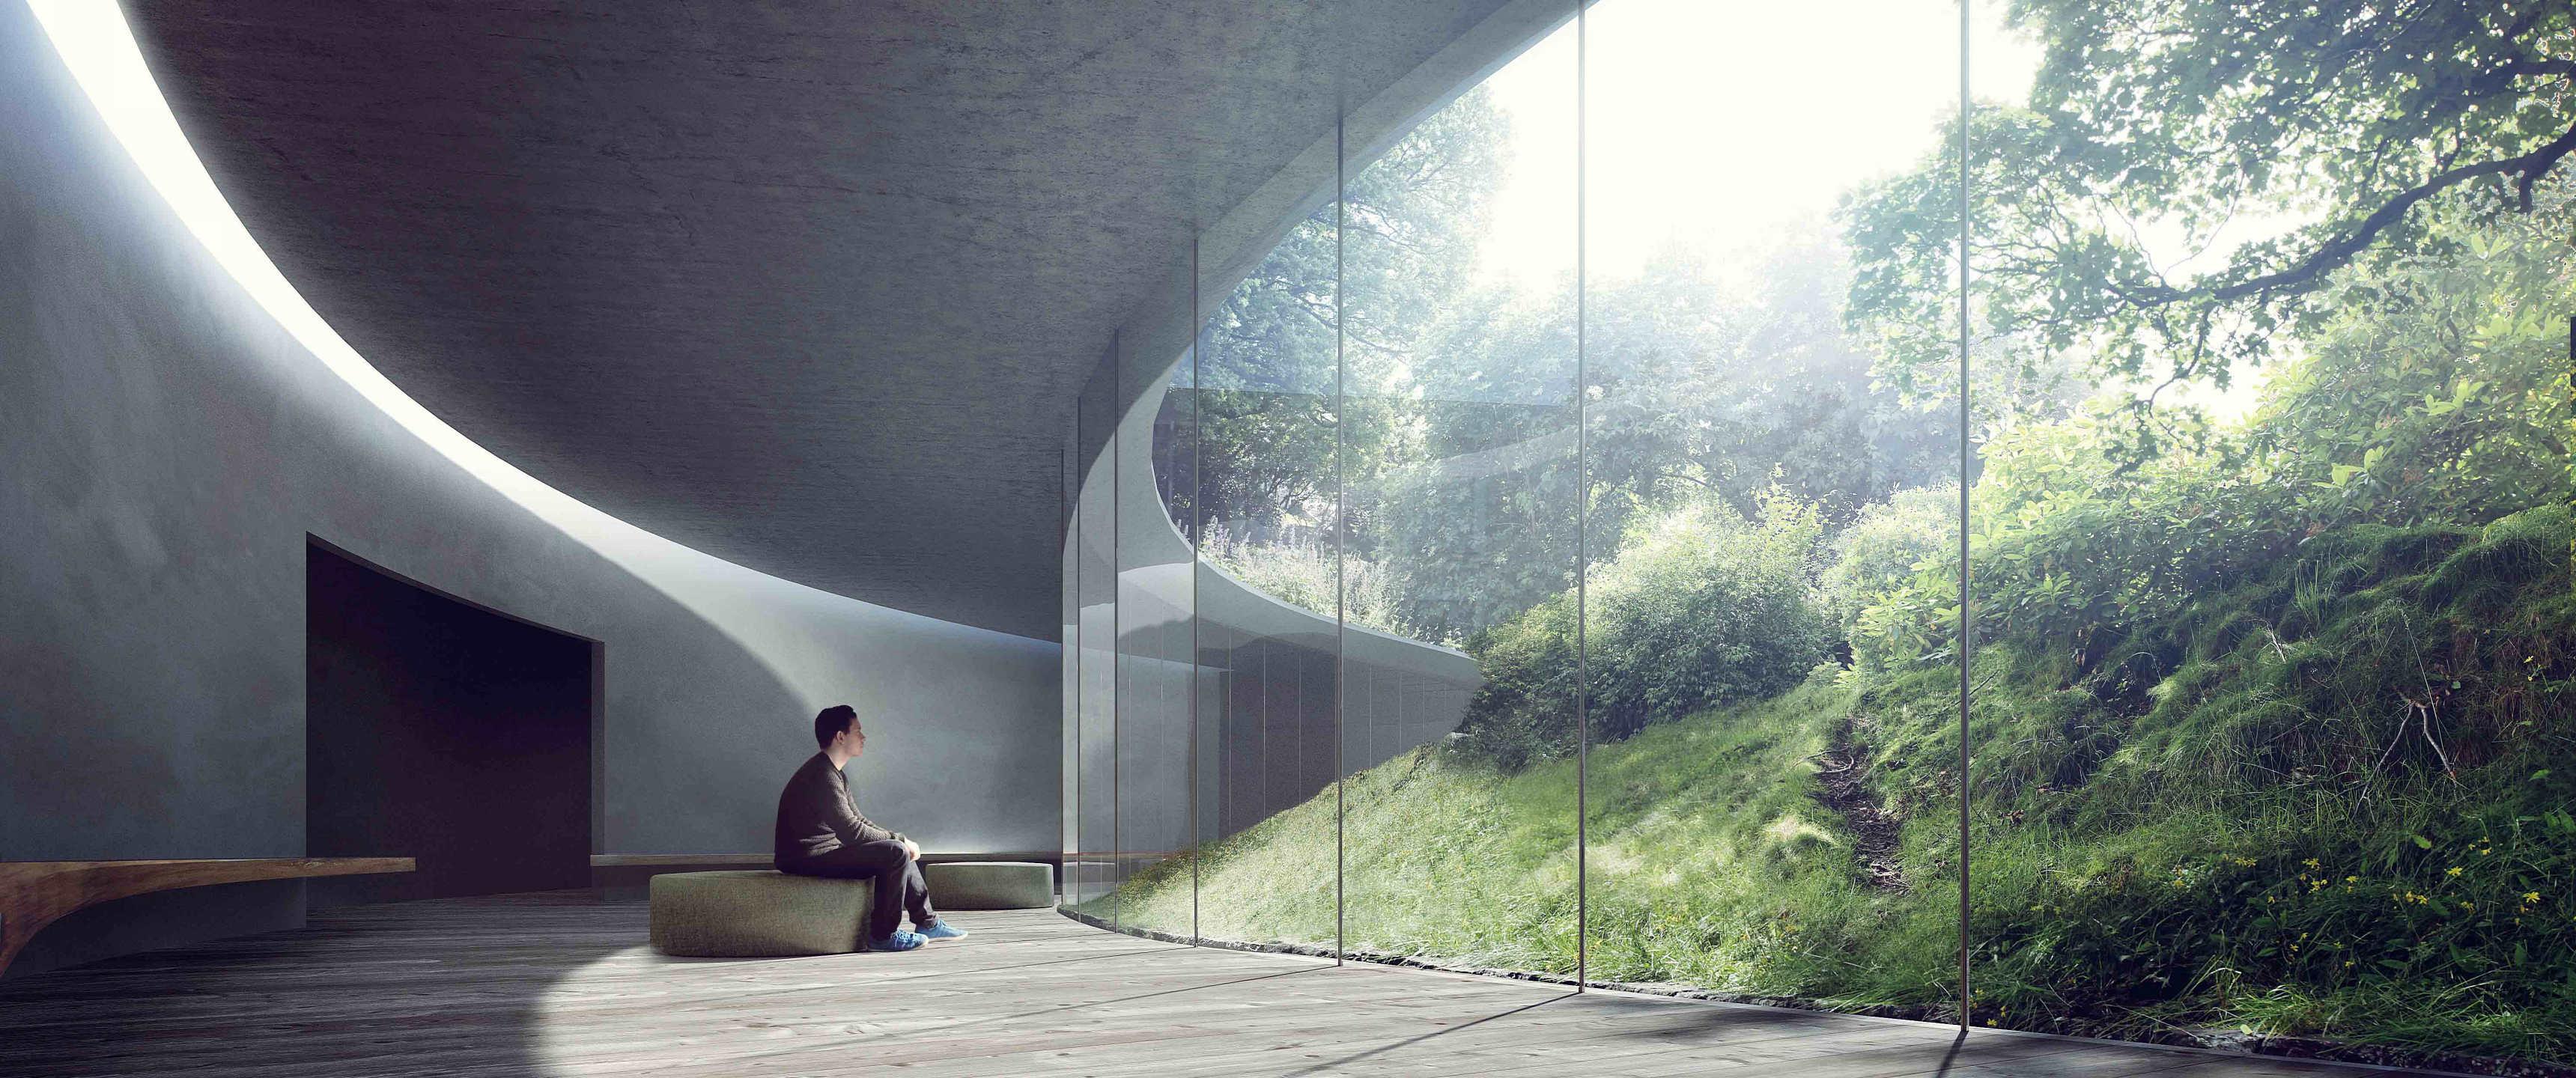 glass-wall.jpeg